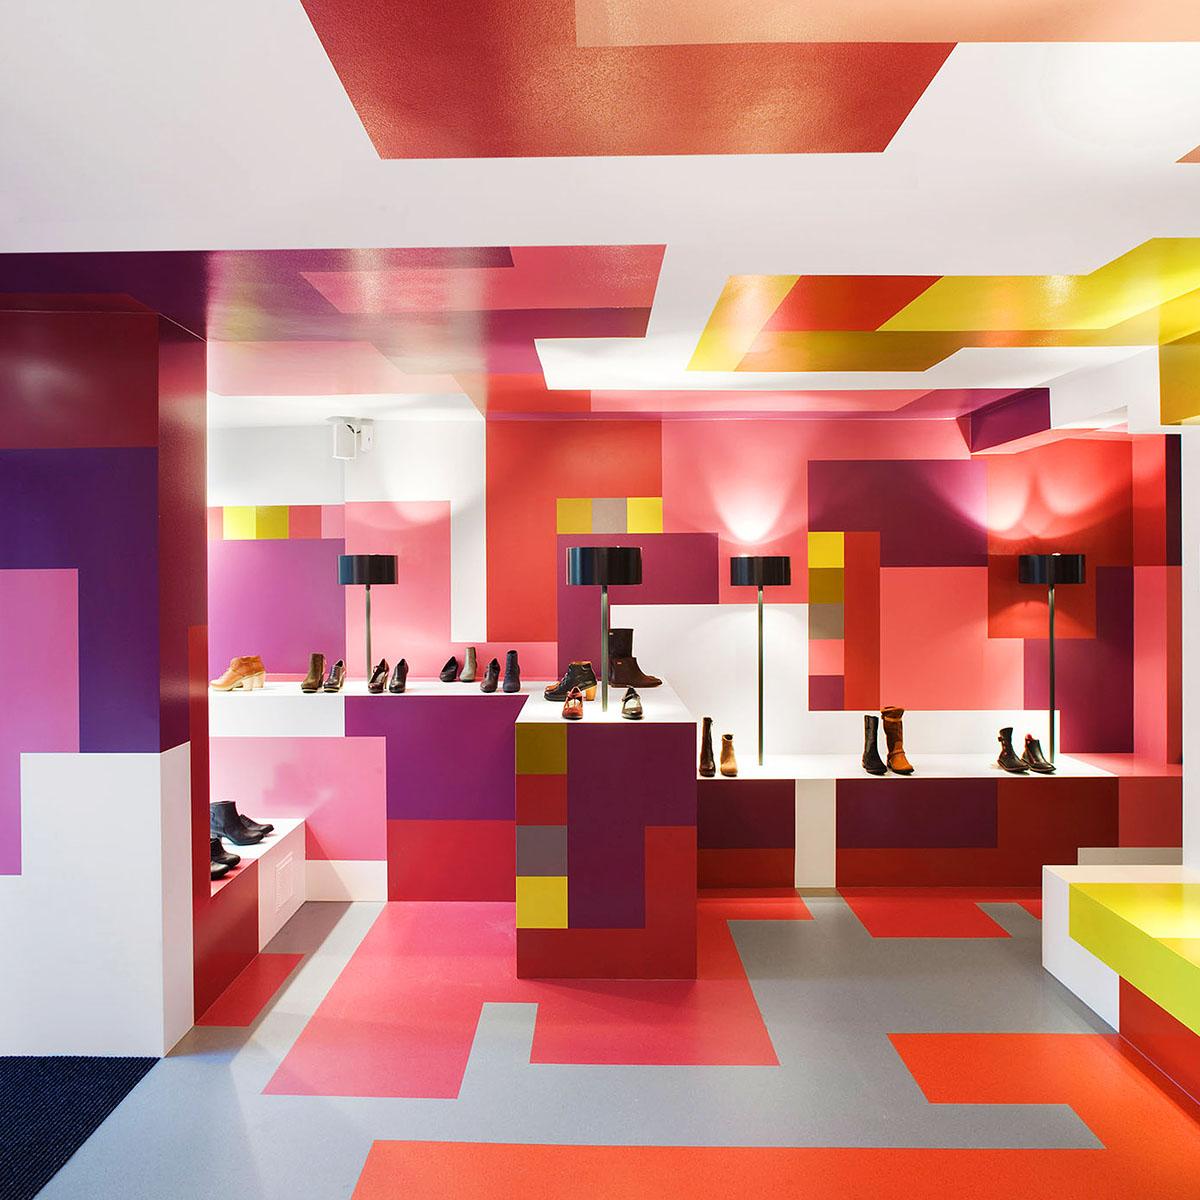 طراحی فضاهای تجاری 2